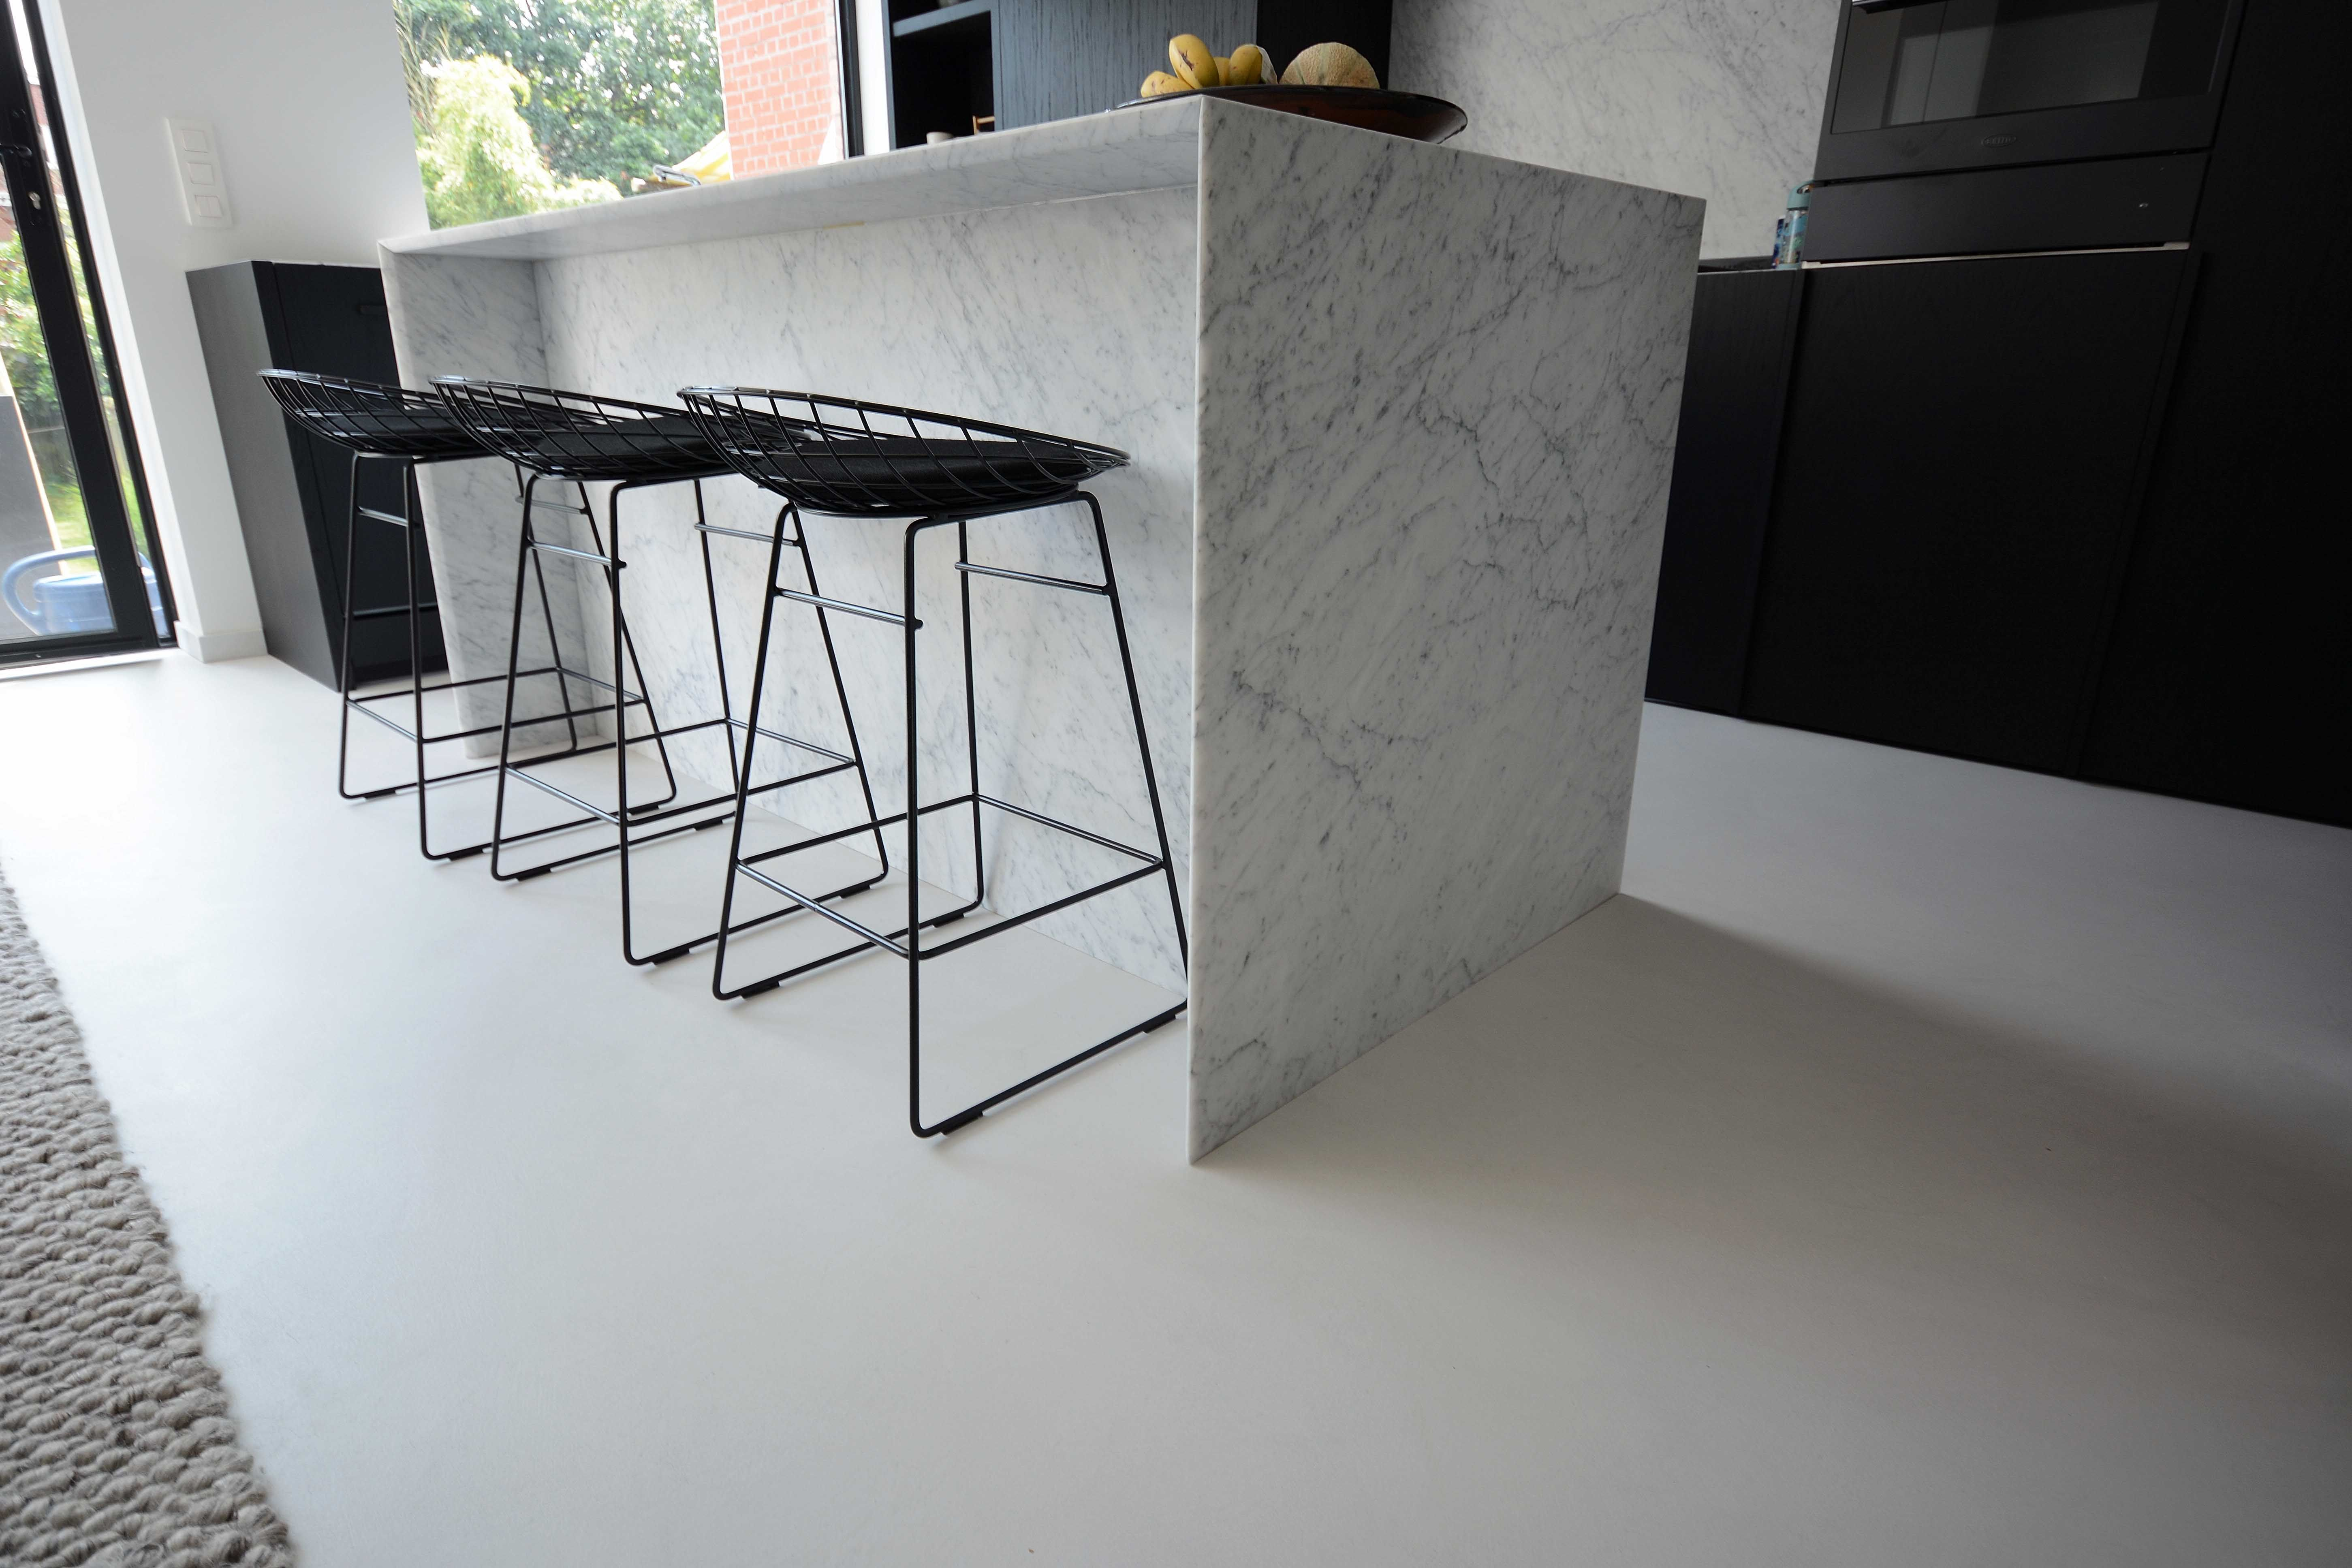 stoopen meeàs stuc deco floor belgian tadelakt flemish beton